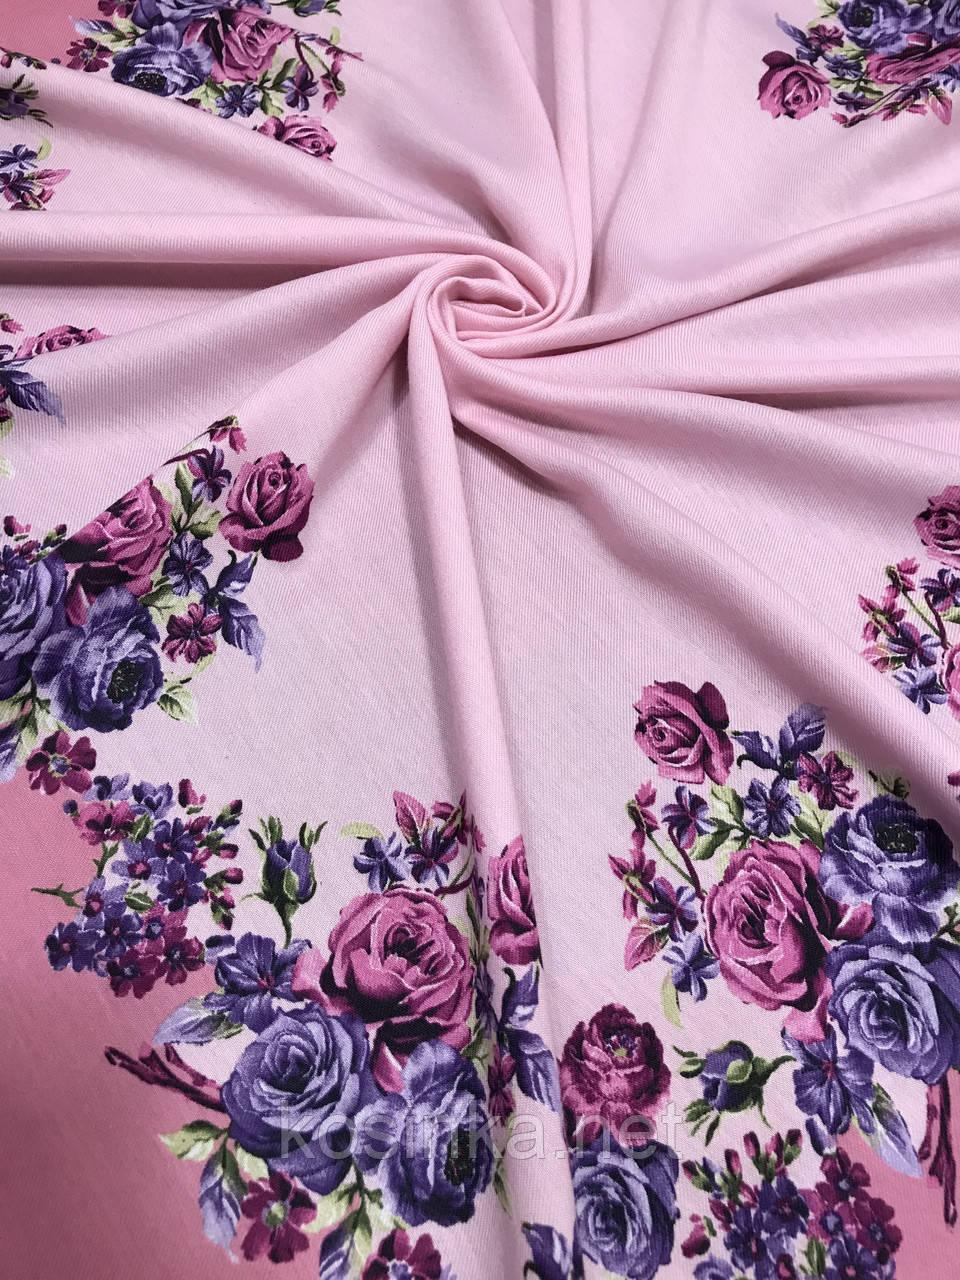 Женский шерстяной платок в украинском стиле розового цвета - Kosinka.net